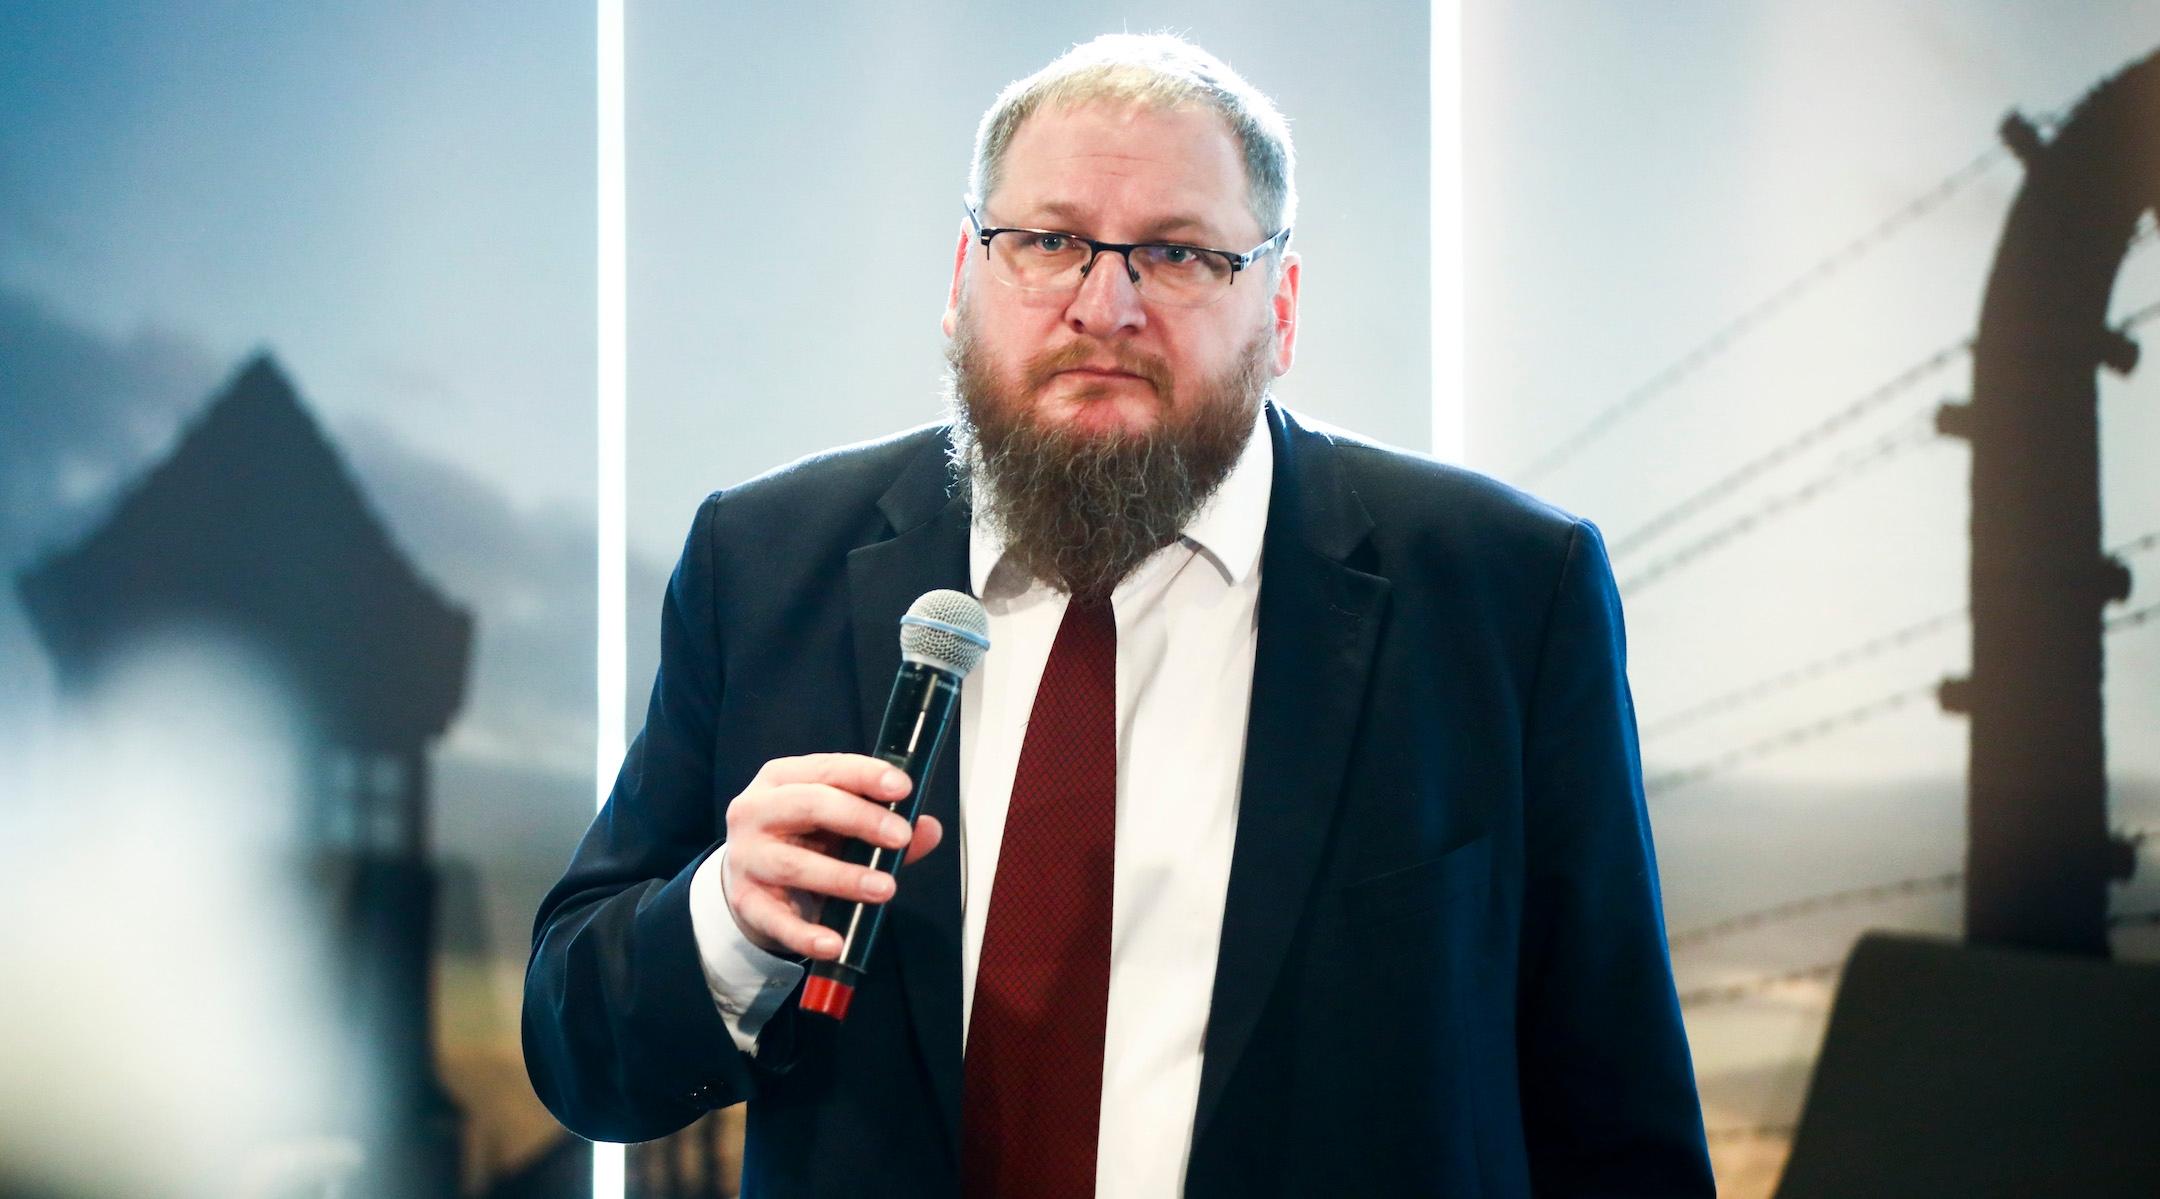 Piotr Cywinski